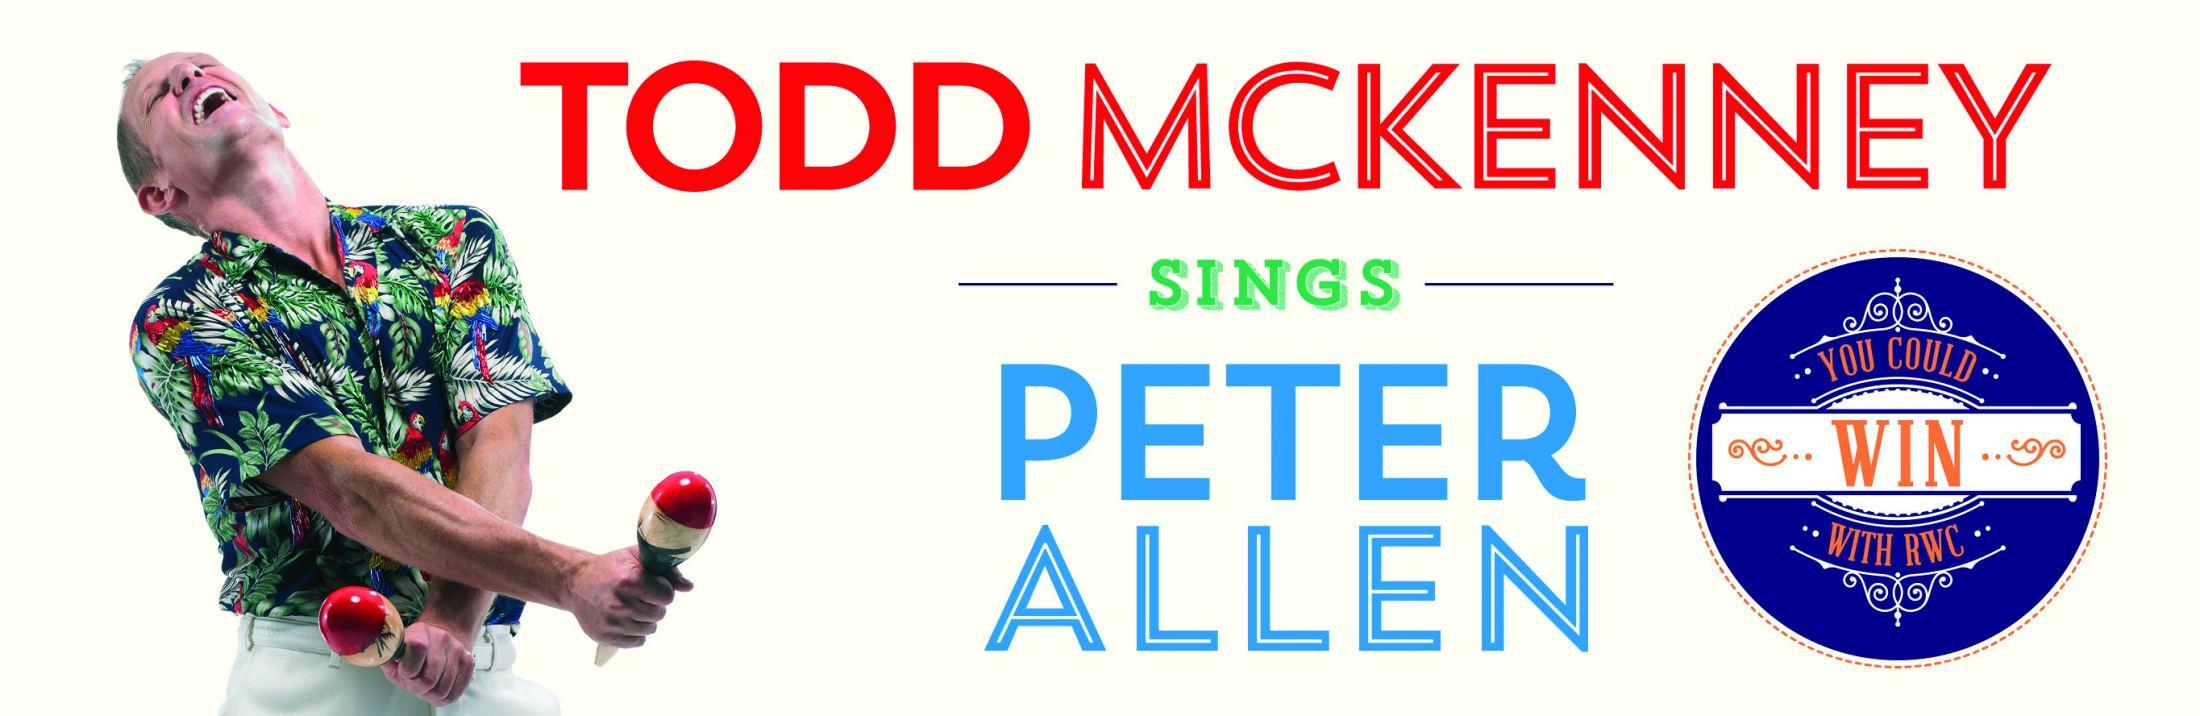 WIN Todd McKenney Meet & Greet